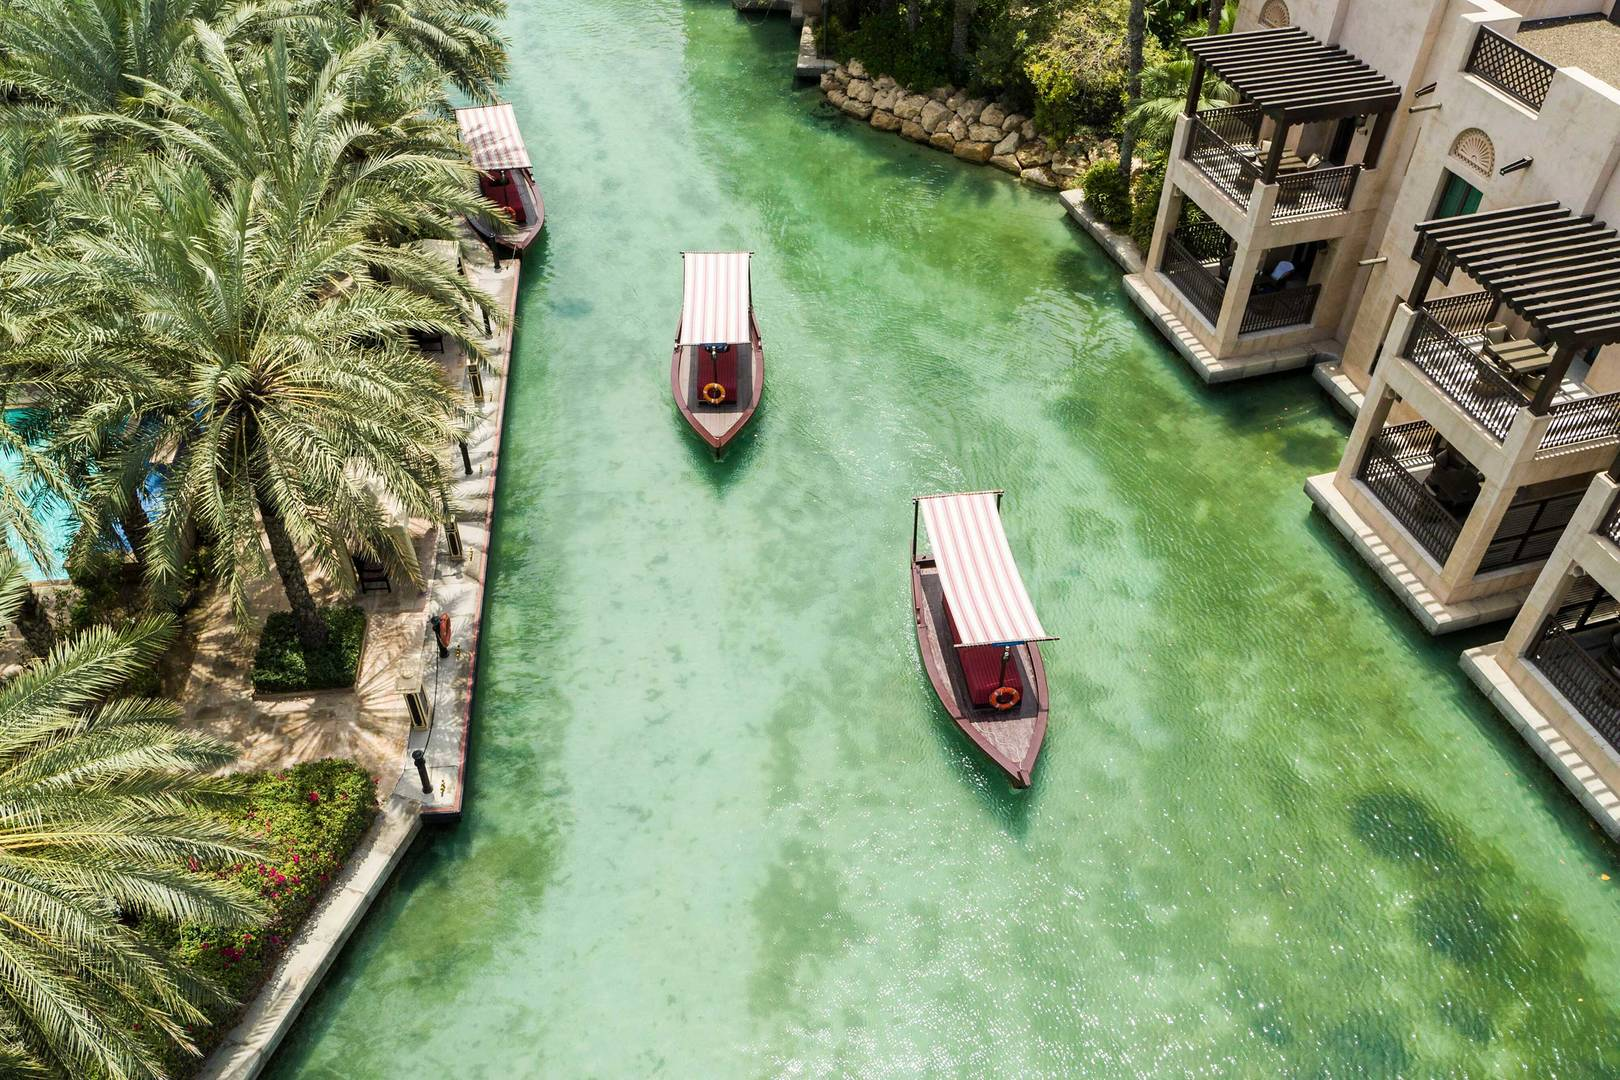 قوارب فوق الممرات المائية في جميرا دار المصيف